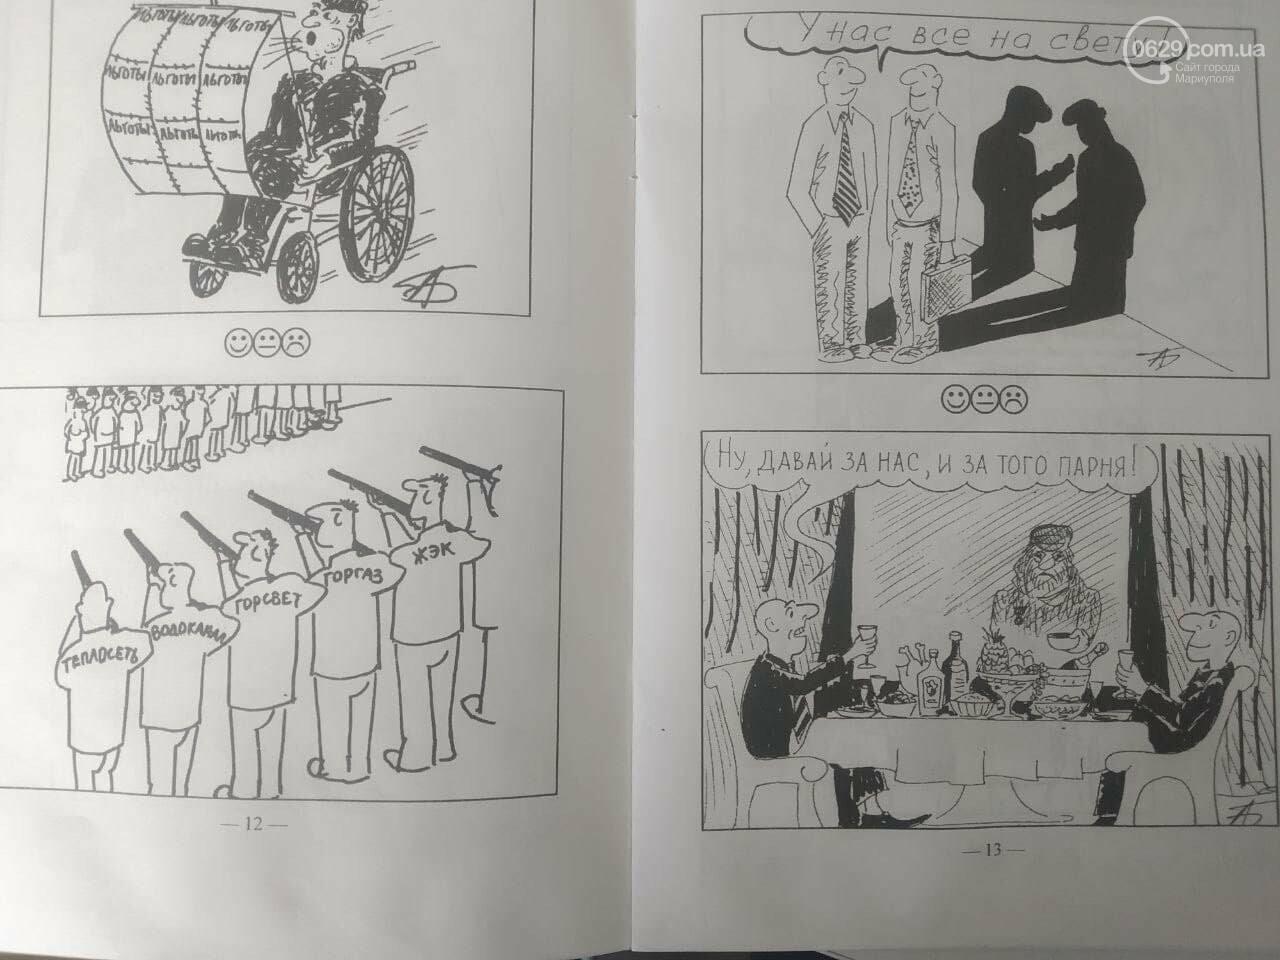 От несвободы к отсутствию свободы. Как менялась журналистика в Мариуполе за годы независимости, - ФОТО, фото-7